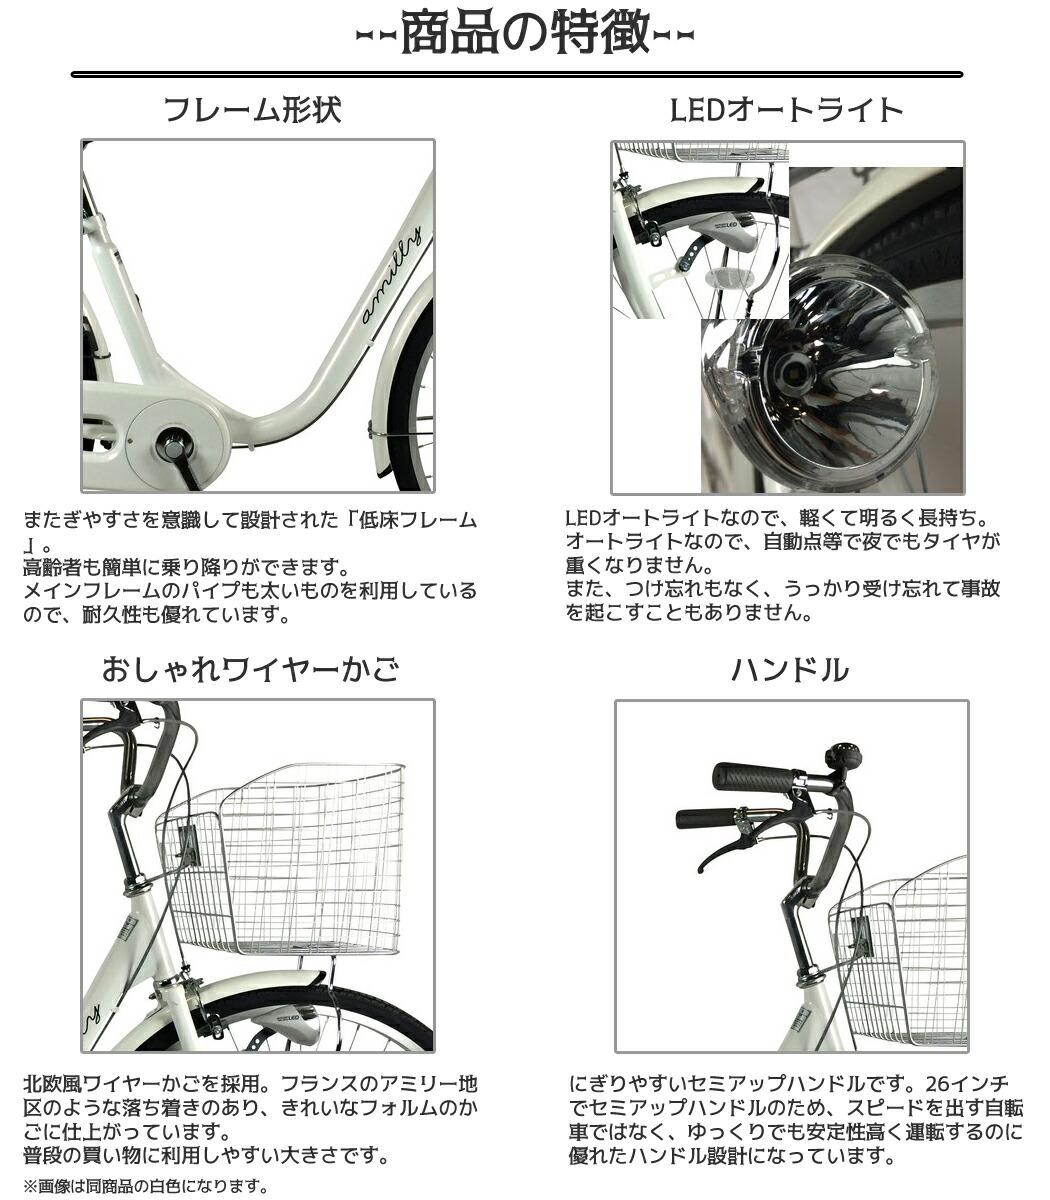 自転車の特徴。フレーム形状またぎやすさを意識して設計された低床フレーム自転車。女性や高齢者も簡単に乗り降りができます。メインフレームのパイプも太いものを利用しているので、耐久性にも優れた自転車です。おしゃれワイヤーかご。北欧風ワイヤーかごを採用。フランスのアミリー地区のような落ち着きがあり、きれいなフォルムのかごの自転車に仕上がっています。普段の買い物に利用しやすい 大きさです。LEDオートライト。LEDオートライトなので、軽くて明るく長持ち。オートライトなので、自動点灯で夜でも自転車のタイヤが重くなりません。また、つけ忘れもなく、うっかり付け忘れて事故を起こすこともありません。ハンドルにぎりやすいセミアップハンドルです。26インチでセミアップハンドルのため、スピードを出す自転車ではなく、ゆっくり安定性高く運転するのに優れたハンドル設定のママチャリです。